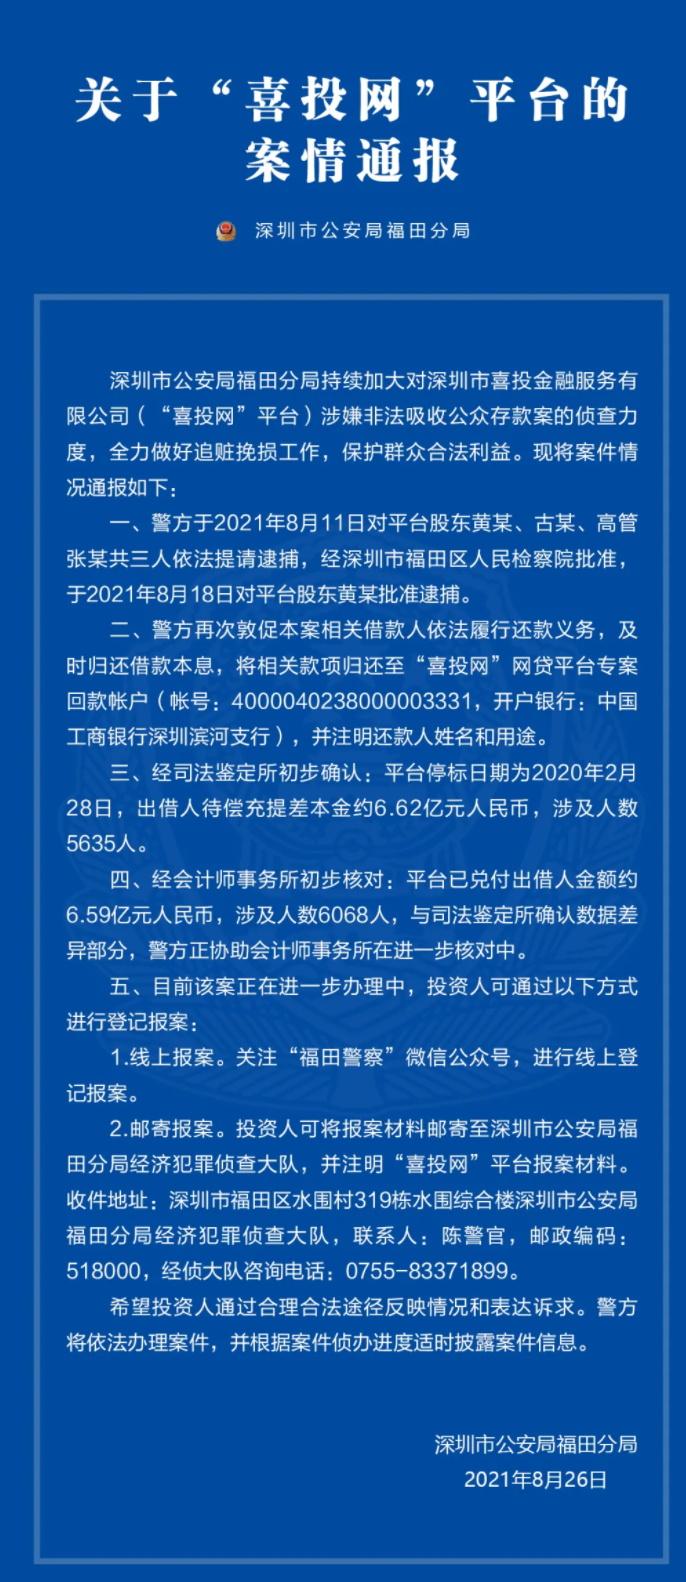 """彻底凉了!P2P平台""""喜投网""""老板黄生被正式批捕 6.62亿元人民币待兑付"""